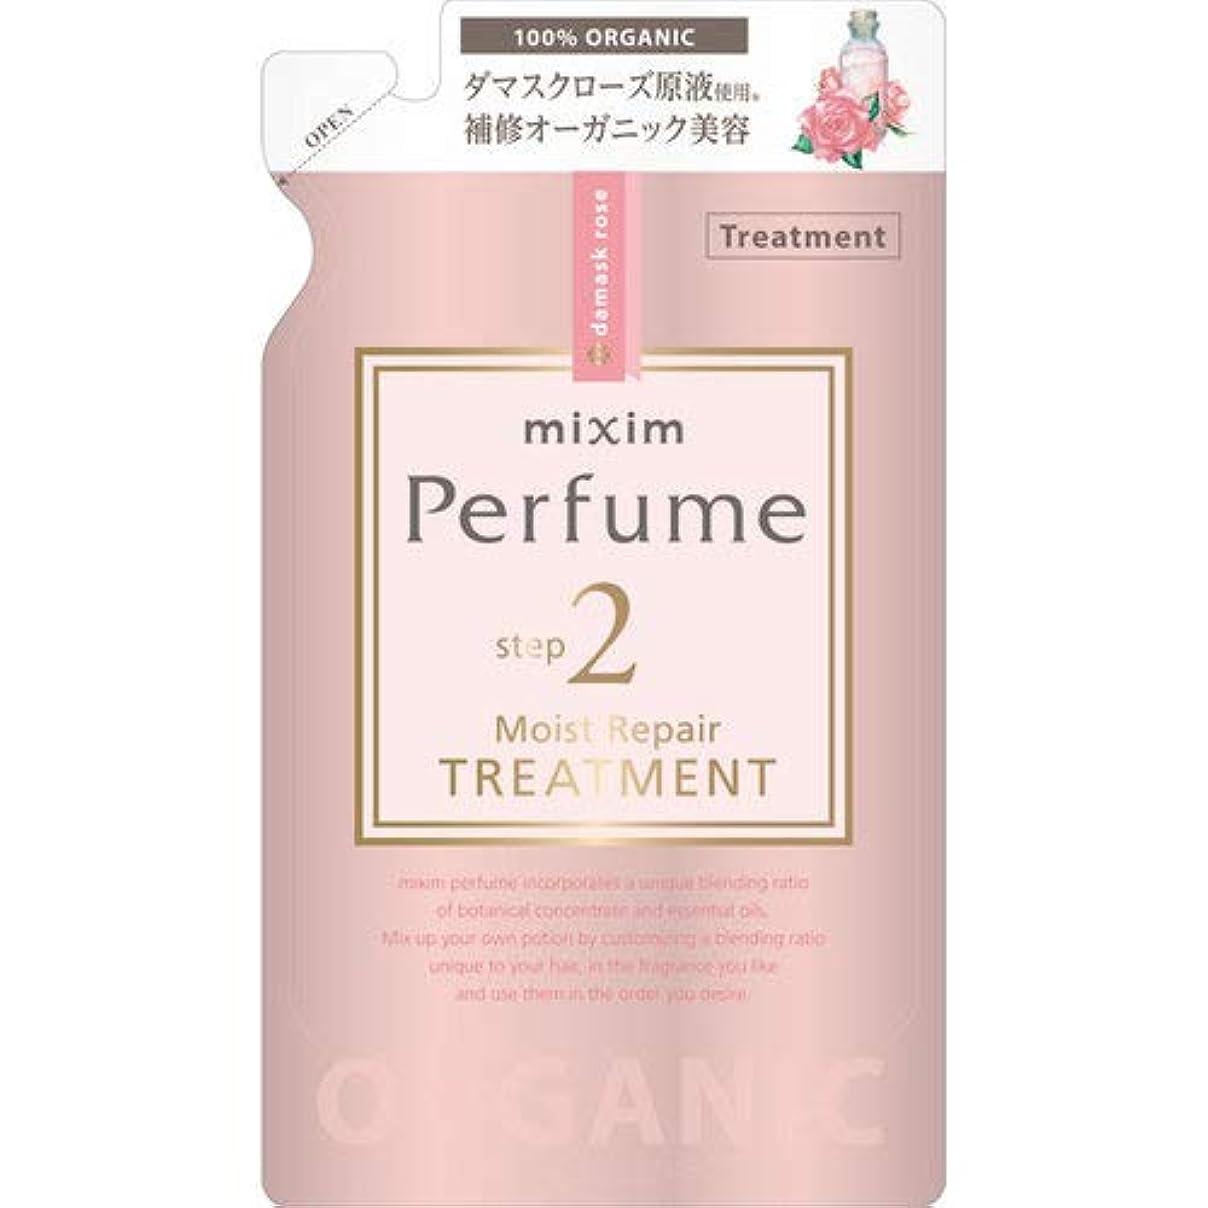 エンコミウム男らしい接続mixim Perfume(ミクシムパフューム) モイストリペア ヘアトリートメントつめかえ用 350g